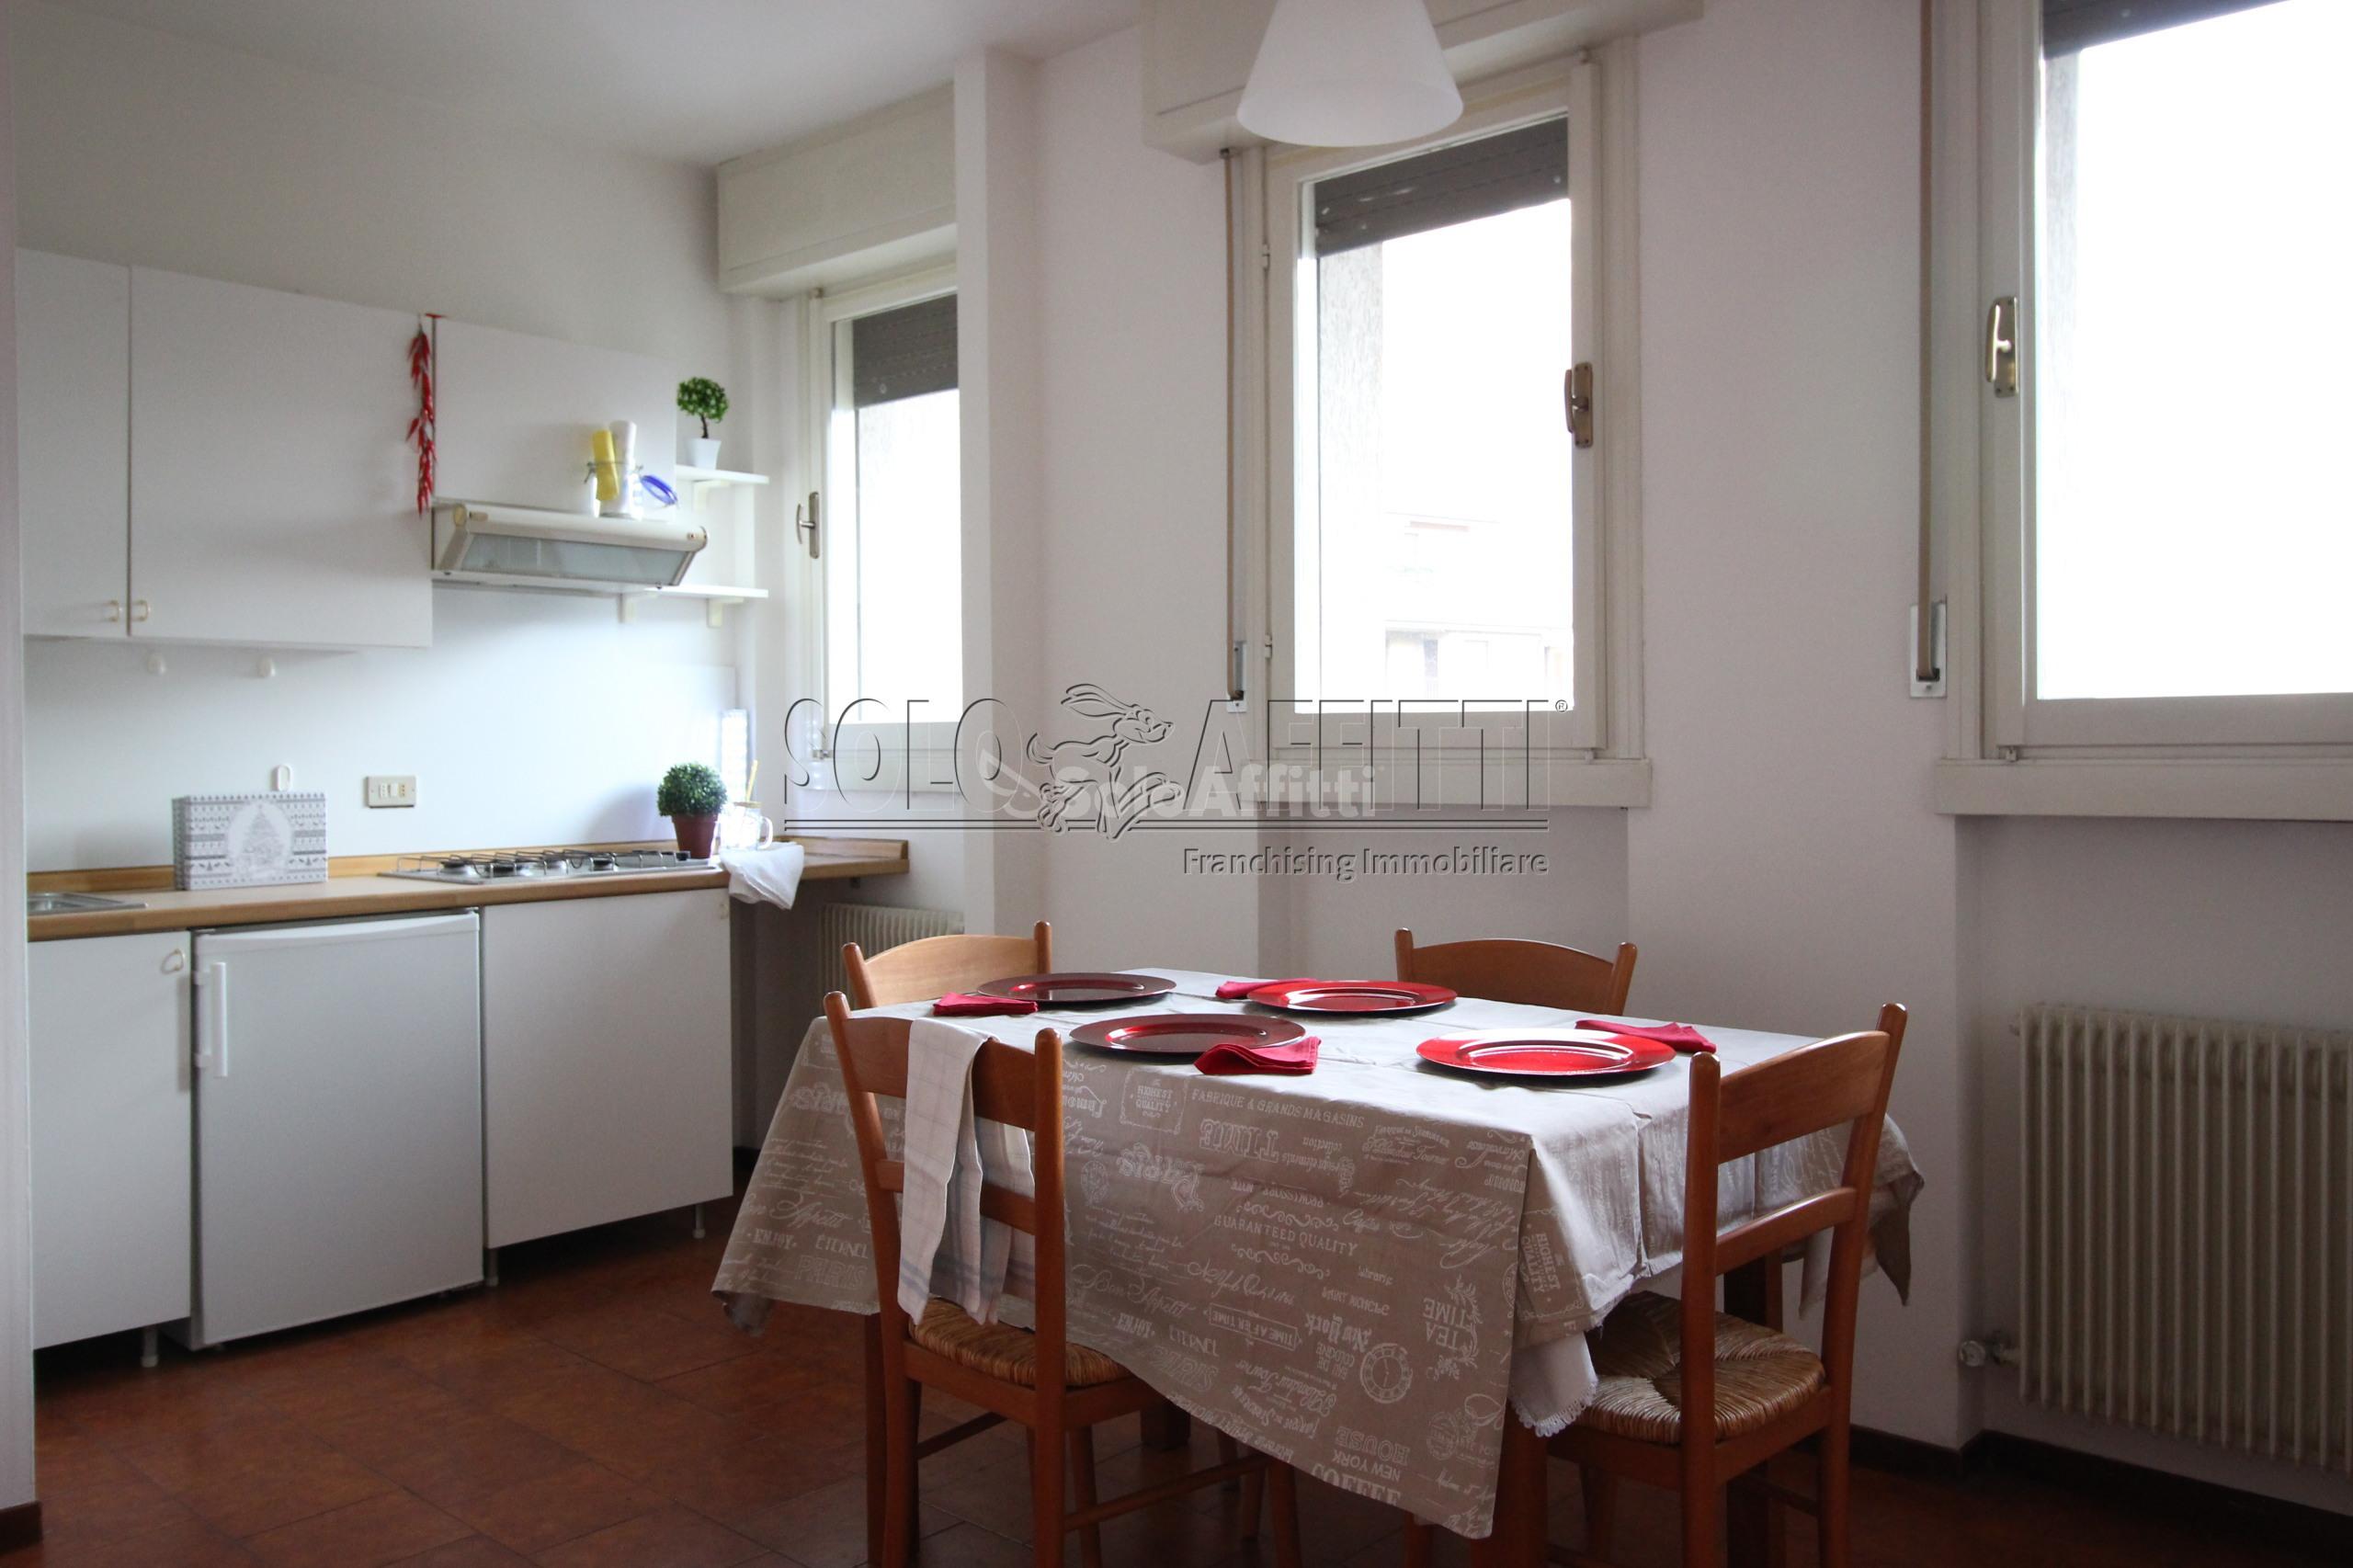 Affitto appartamento monolocale 50 mq for Appartamento 50 mq